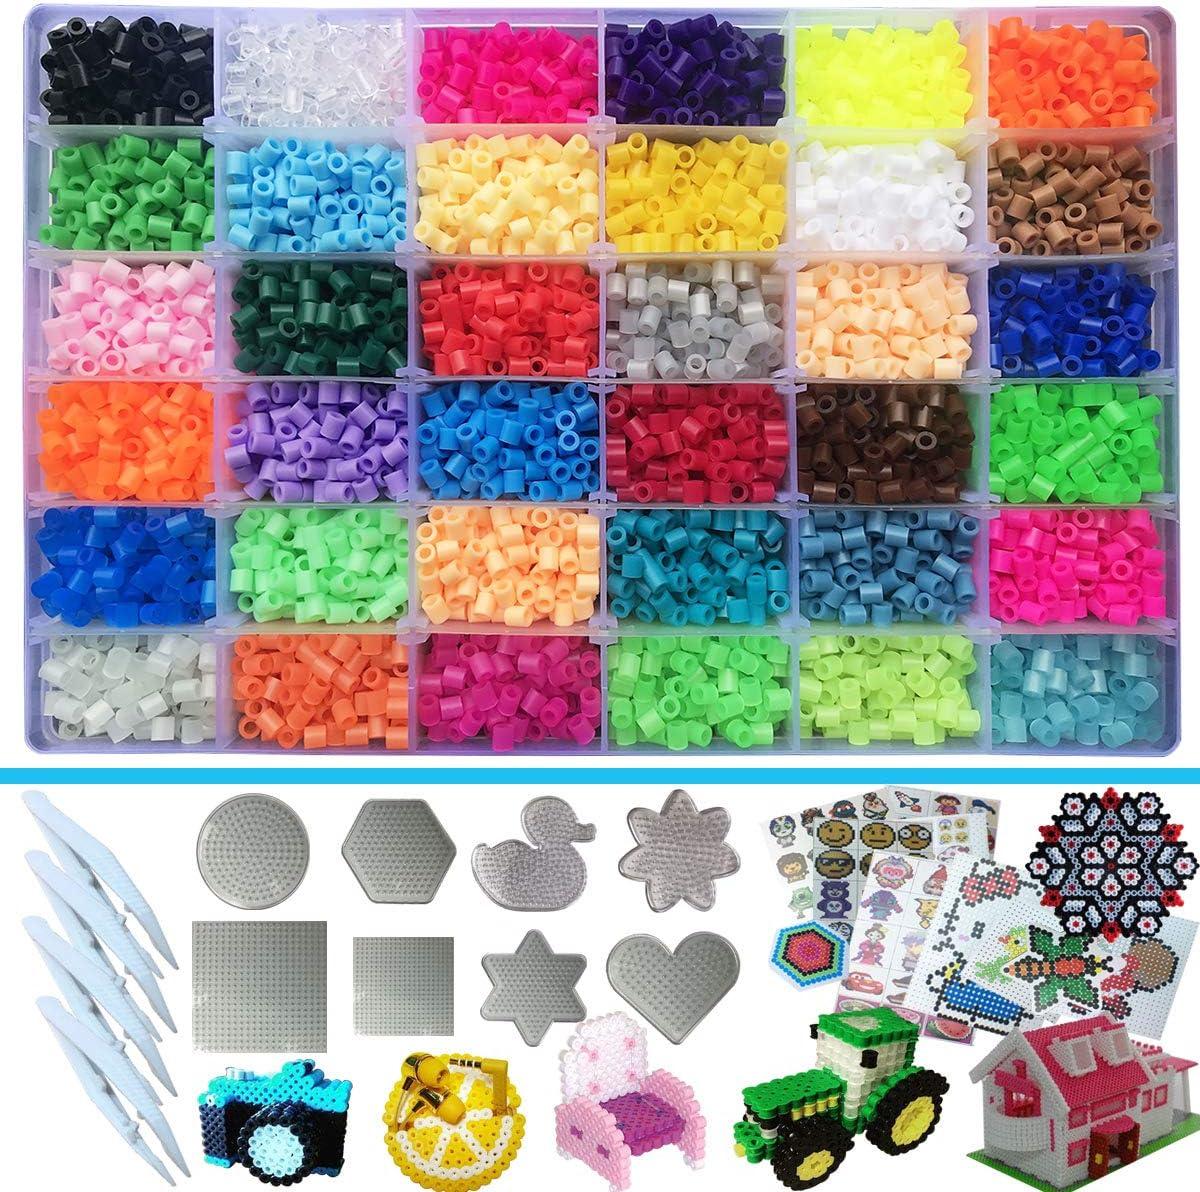 5mm Cuentas y Abalorios Plásticos,11100 piezas de 36 colores (6 brillan en la oscuridad) 8 plantillas para cuencas de Planchar+4 hojas térmicas+4 pinzas ideal para Regalo para Niños DIY Perlas beads